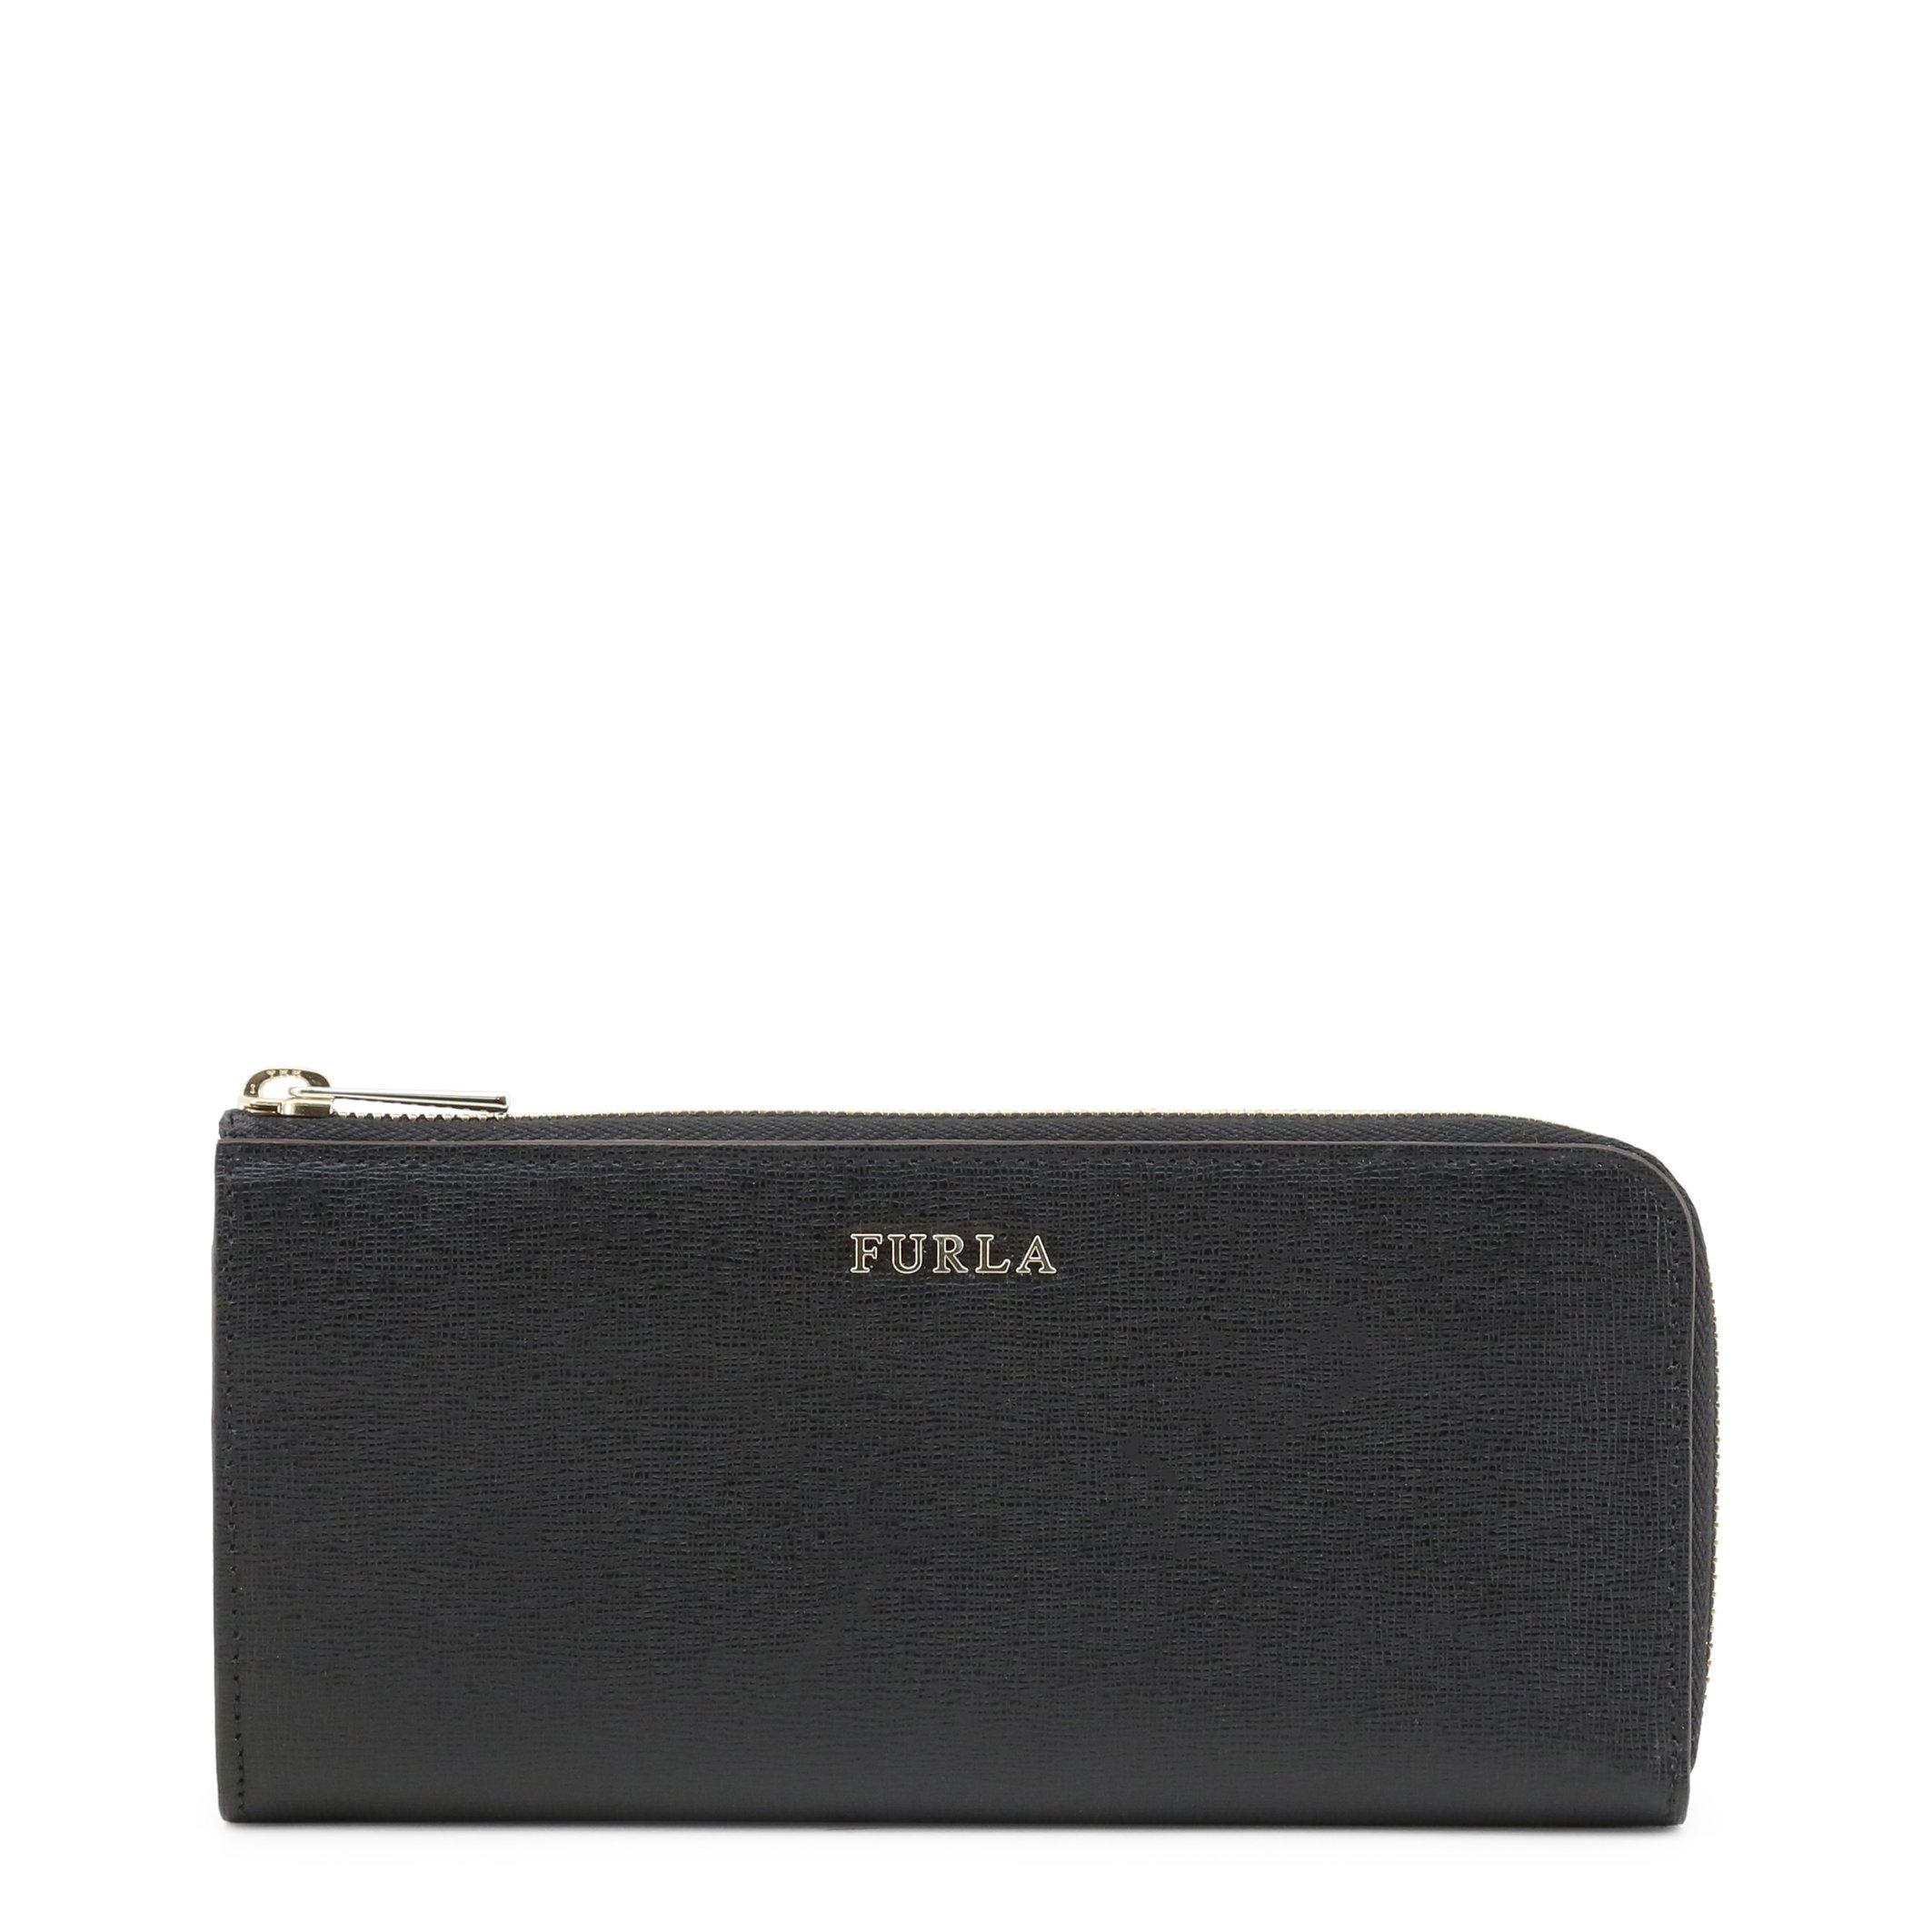 Furla Women's Wallet Various Colours PS13_BABYLON - black NOSIZE